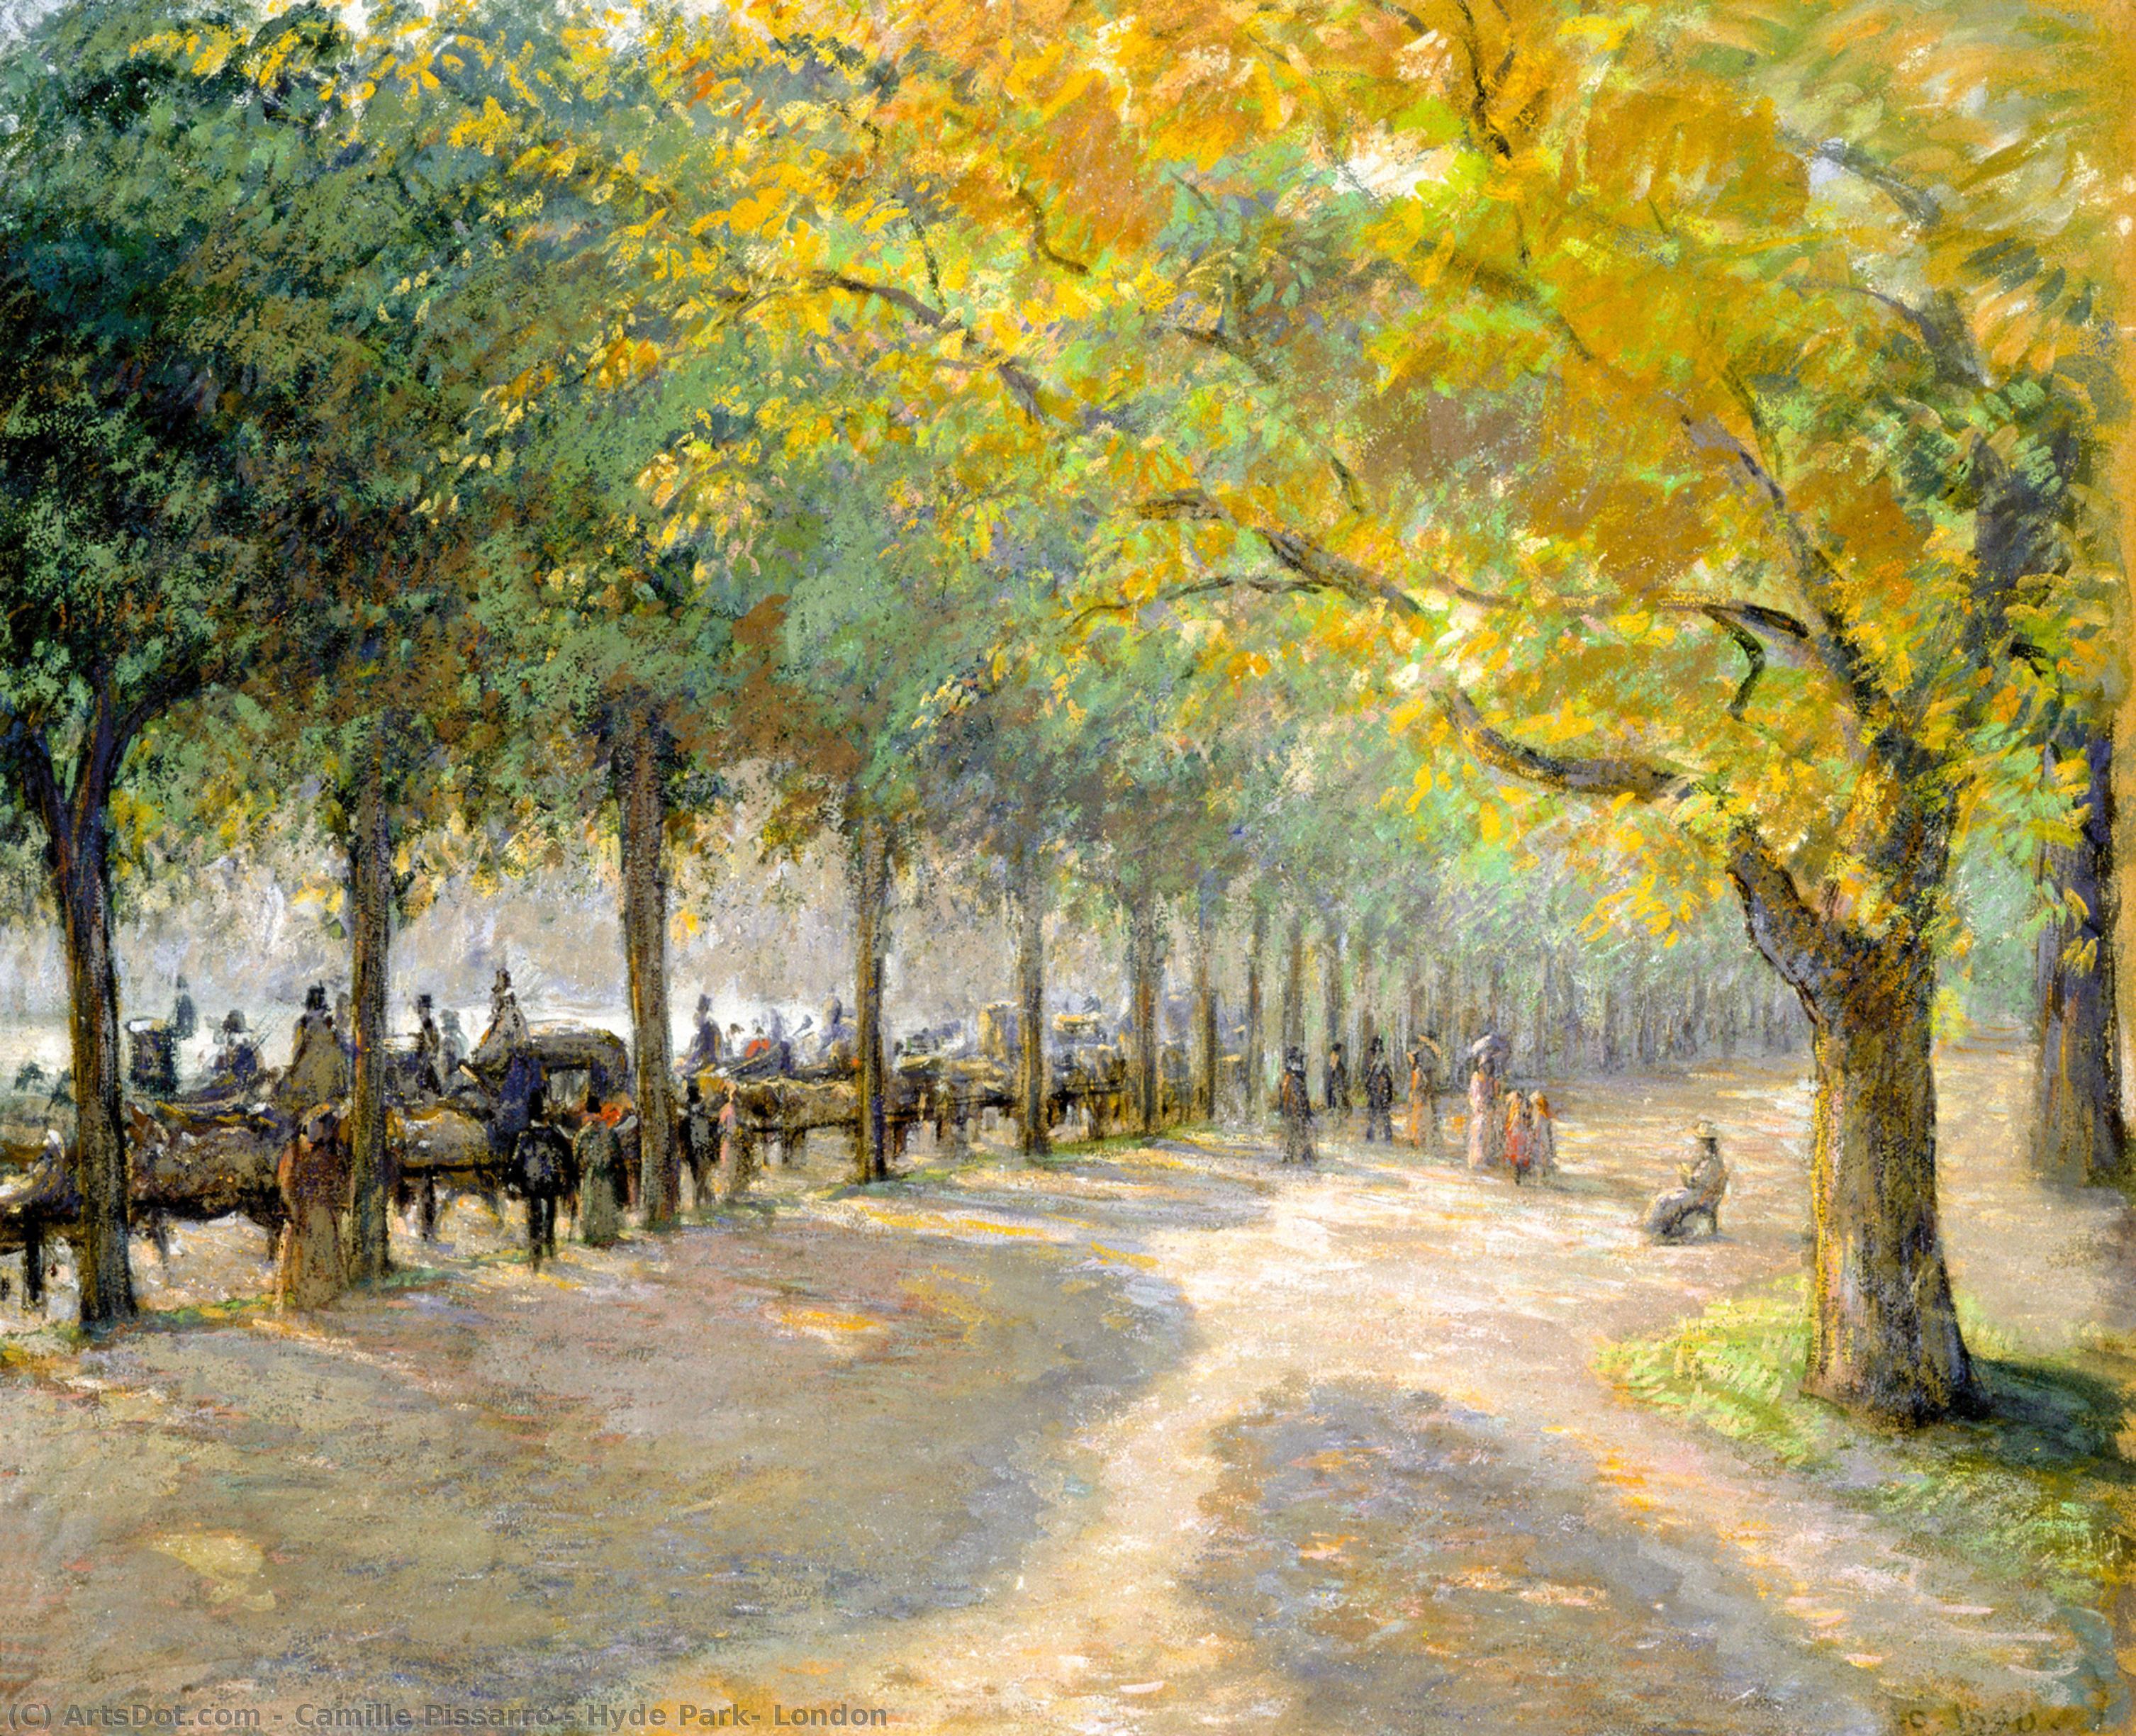 Wikioo.org - Die Enzyklopädie bildender Kunst - Malerei, Kunstwerk von Camille Pissarro - Hyde Park entfernt , London untergebracht